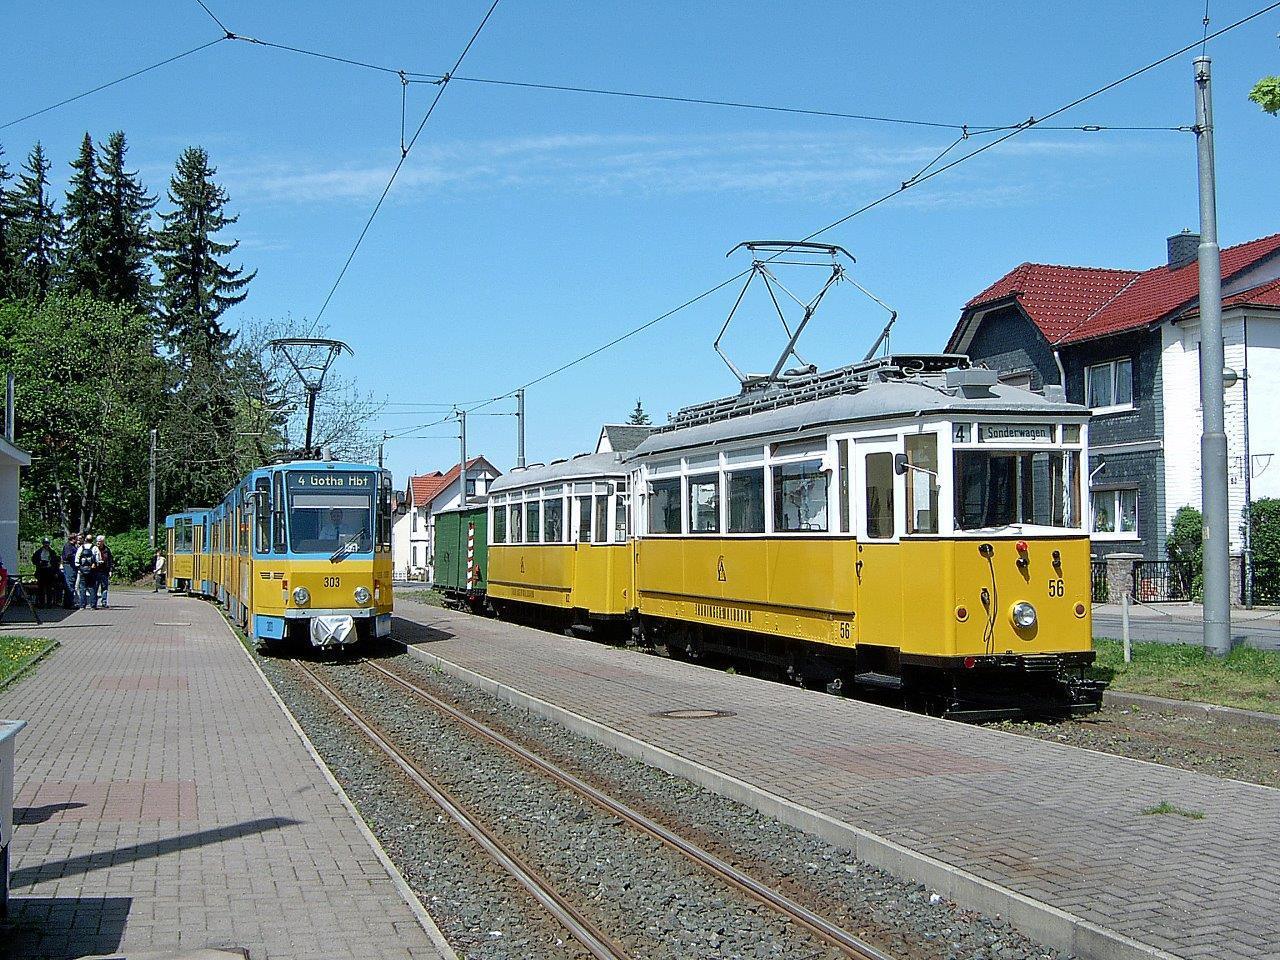 Wieder dieselbe Situation wie 15 Jahre zuvor. Der Traditionszug und Tatra TW 303 in Tabarz. Der Tw 303 musste sich jedoch zwischenzeitlich einer umfangreichen Modernisierung unterziehen.